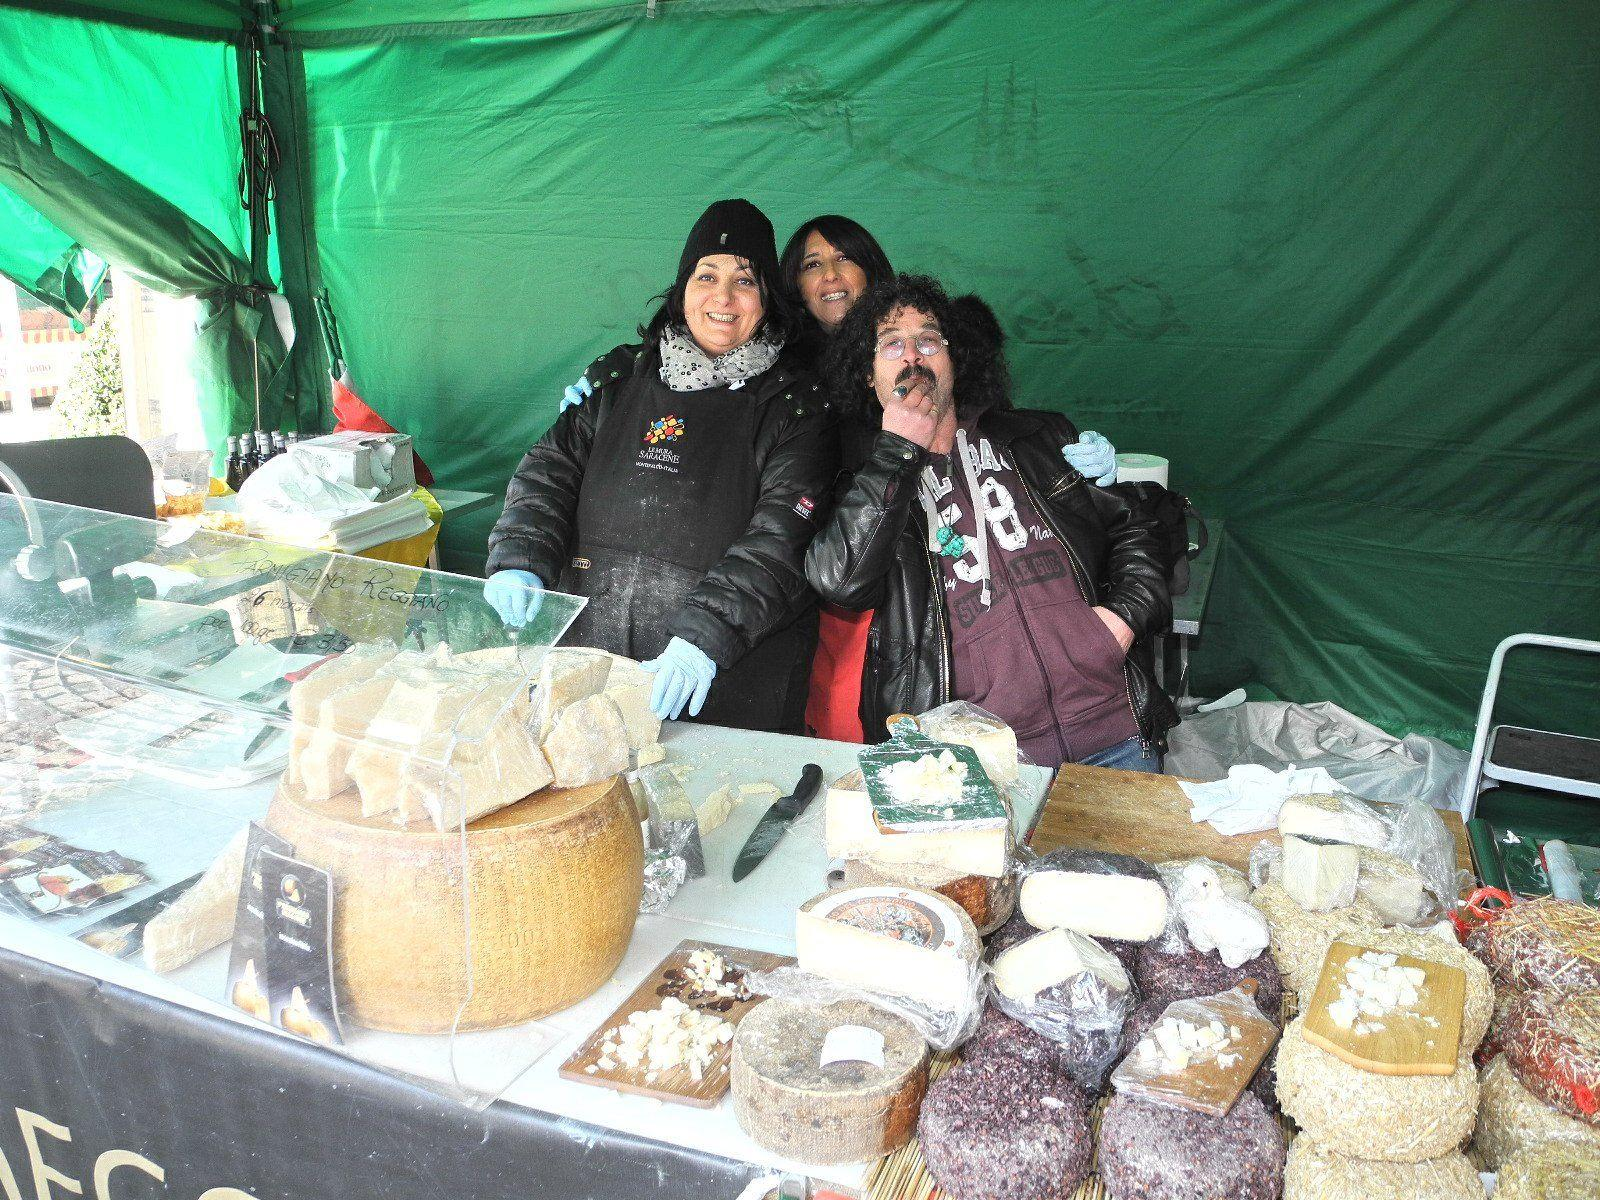 Italienischer Humor und Gemütlichkeit auf dem Italienischen Markt in Feldkirch